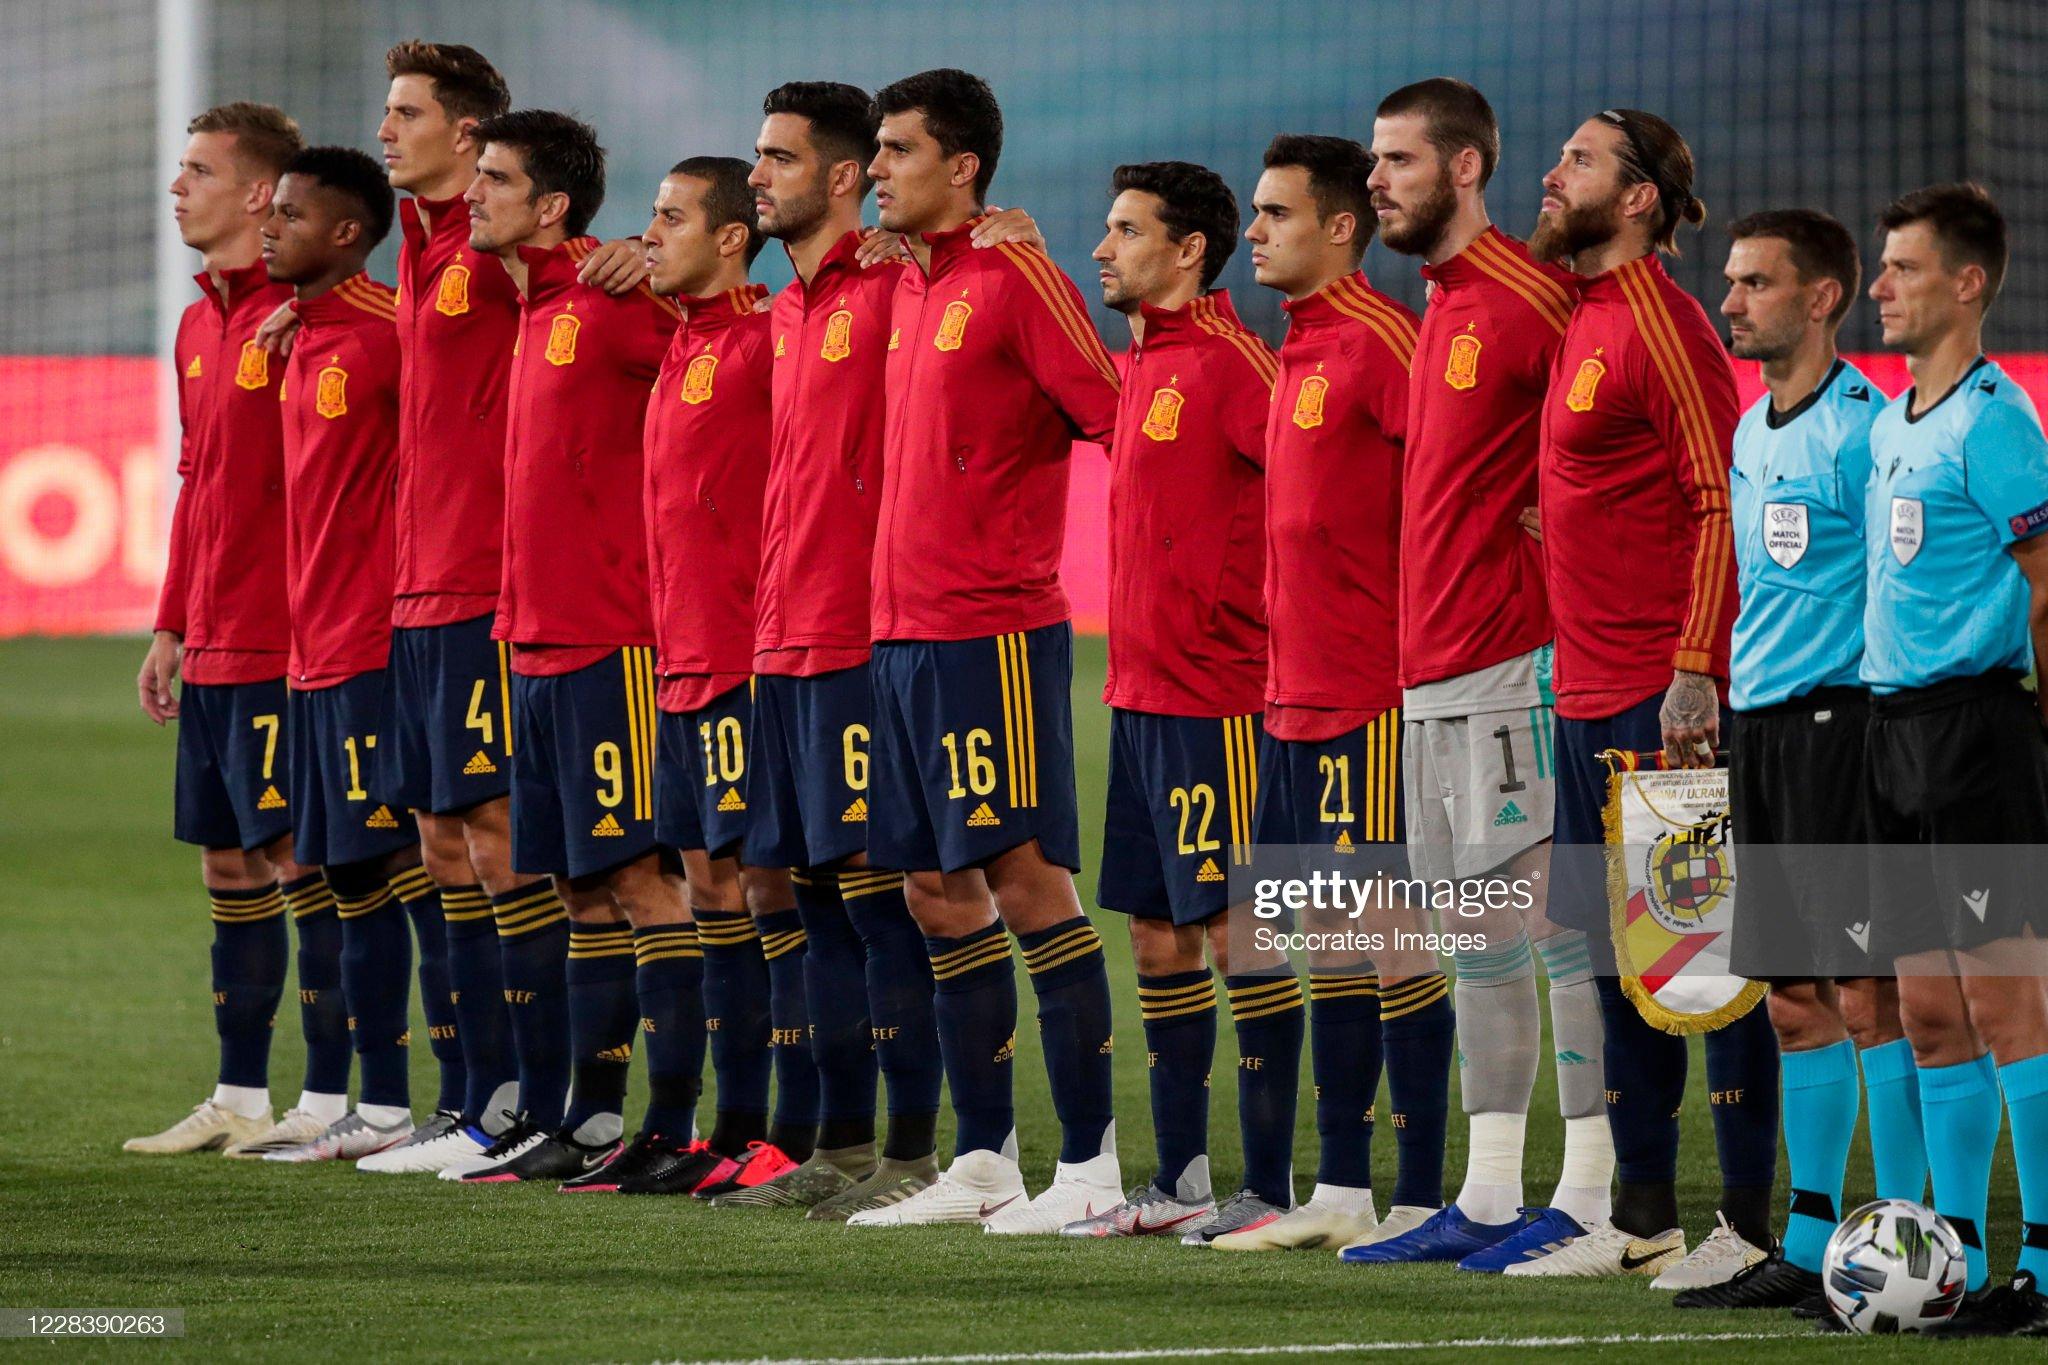 Hilo de la selección de España (selección española) - Página 2 Dani-olmo-of-spain-ansu-fati-of-spain-pau-torres-of-spain-gerard-of-picture-id1228390263?s=2048x2048